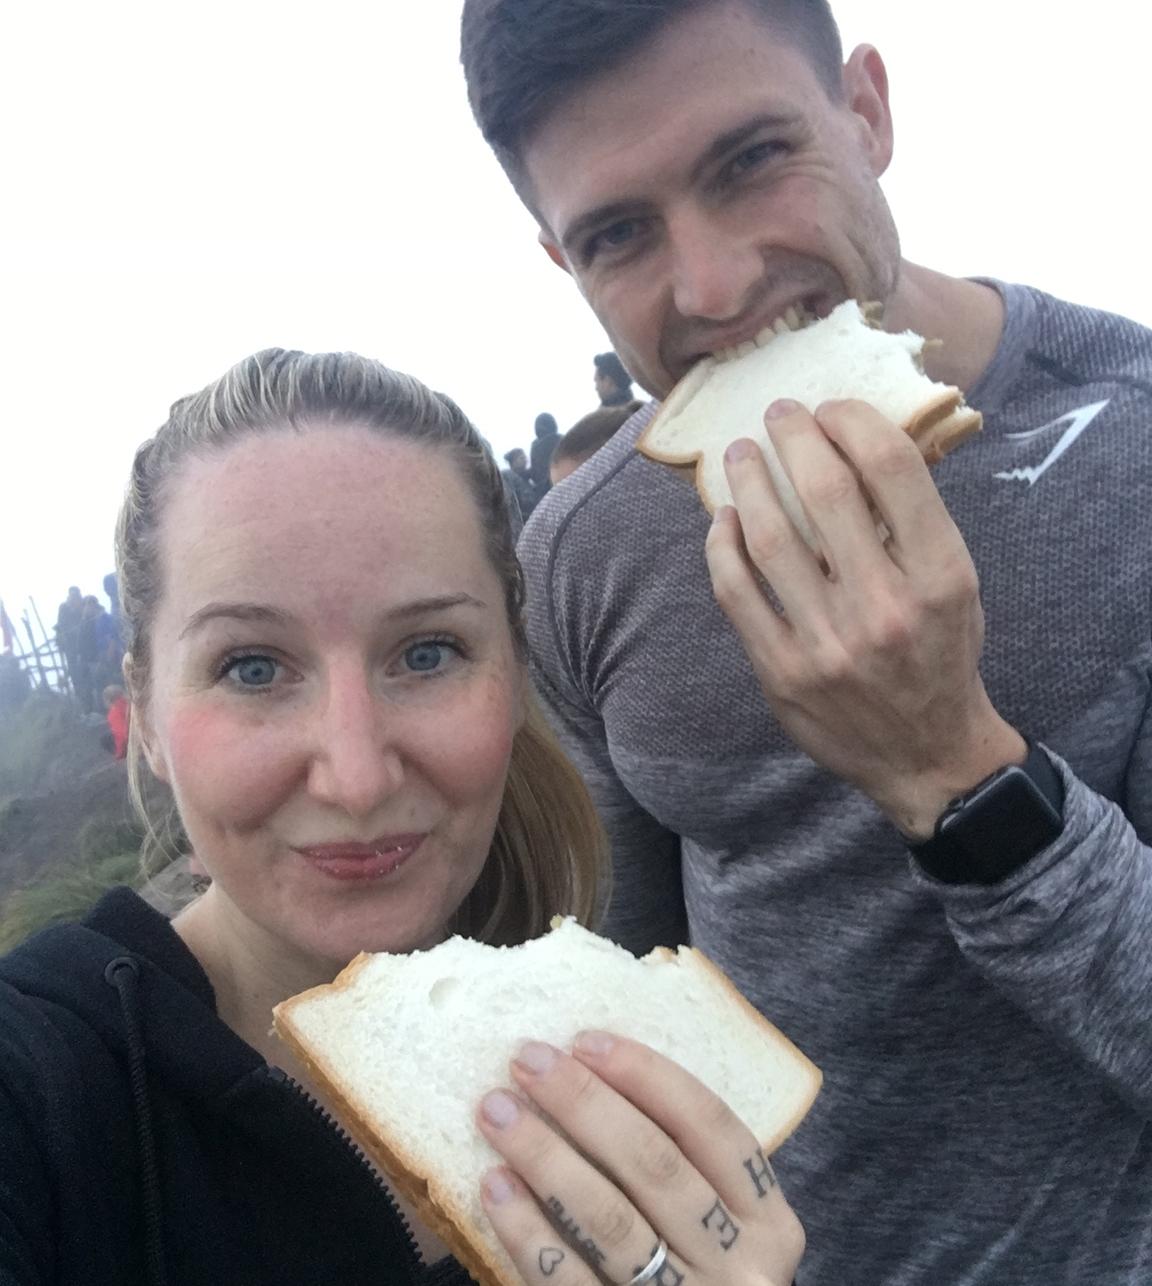 fitnessblog-fitnessblogger-fitness-blog-blogger-stuttgart-dreamteamfitness-sonnenaufgang-vulkan-mount-batur-bali